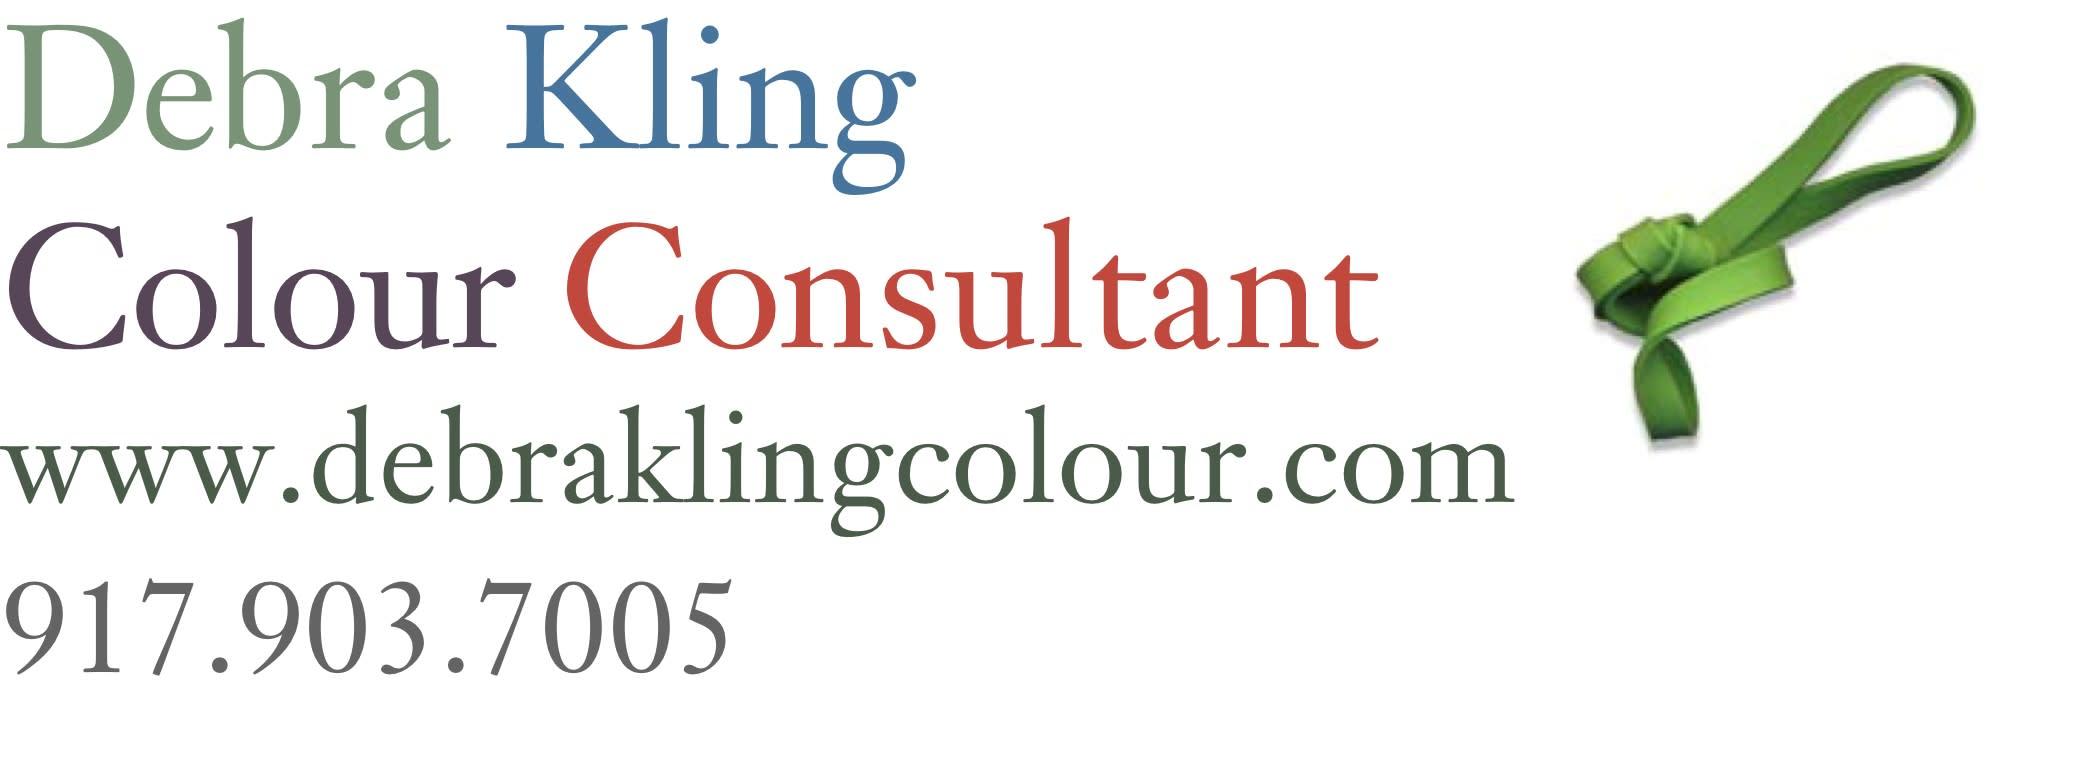 Debra Kling Colour Consultant, LLC